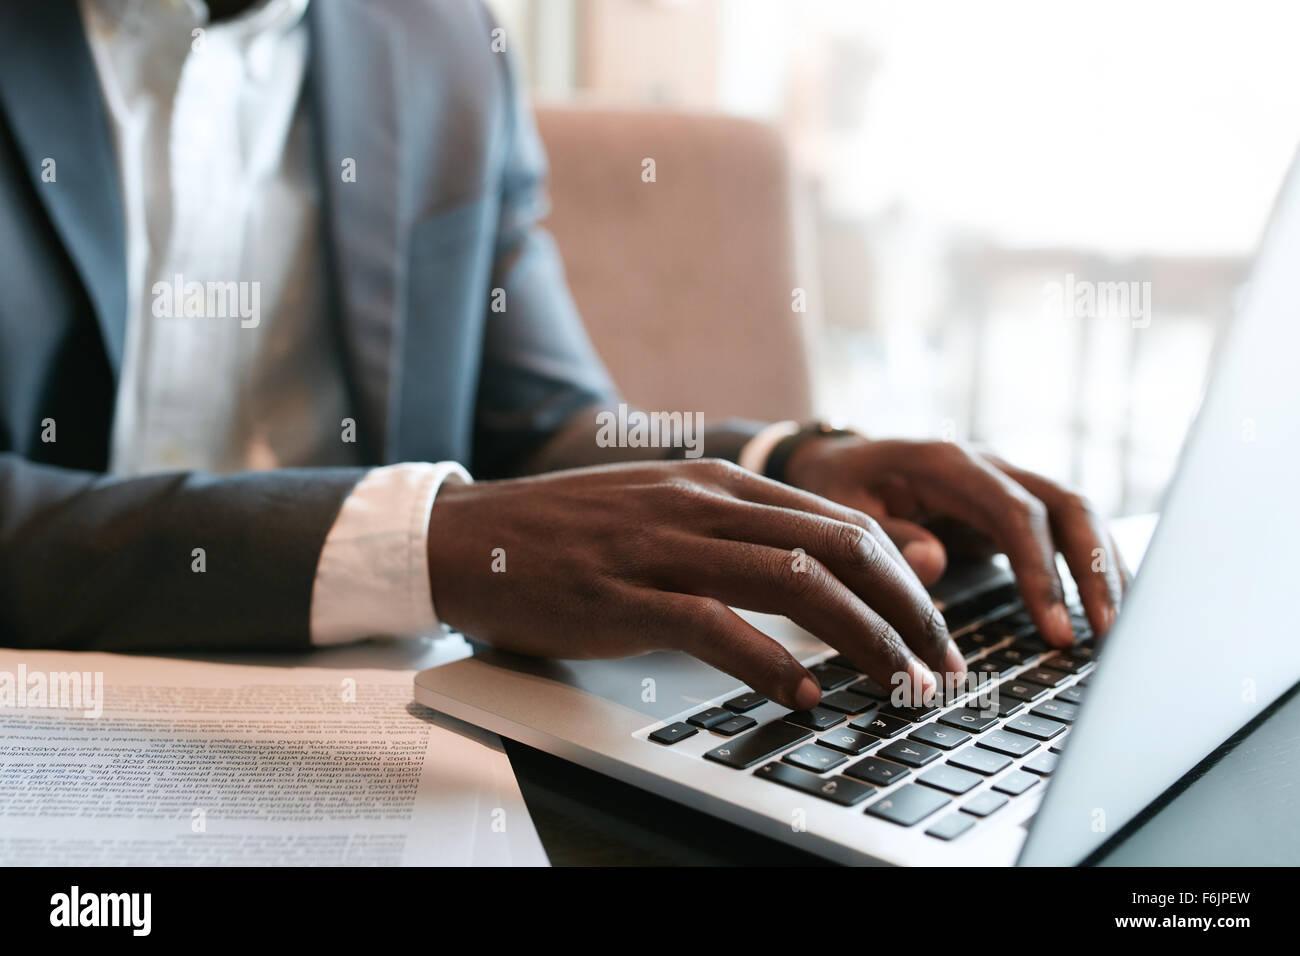 Imprenditore lavorando sul computer portatile con alcuni documenti sul tavolo. Chiudere fino a mani maschio digitando Immagini Stock